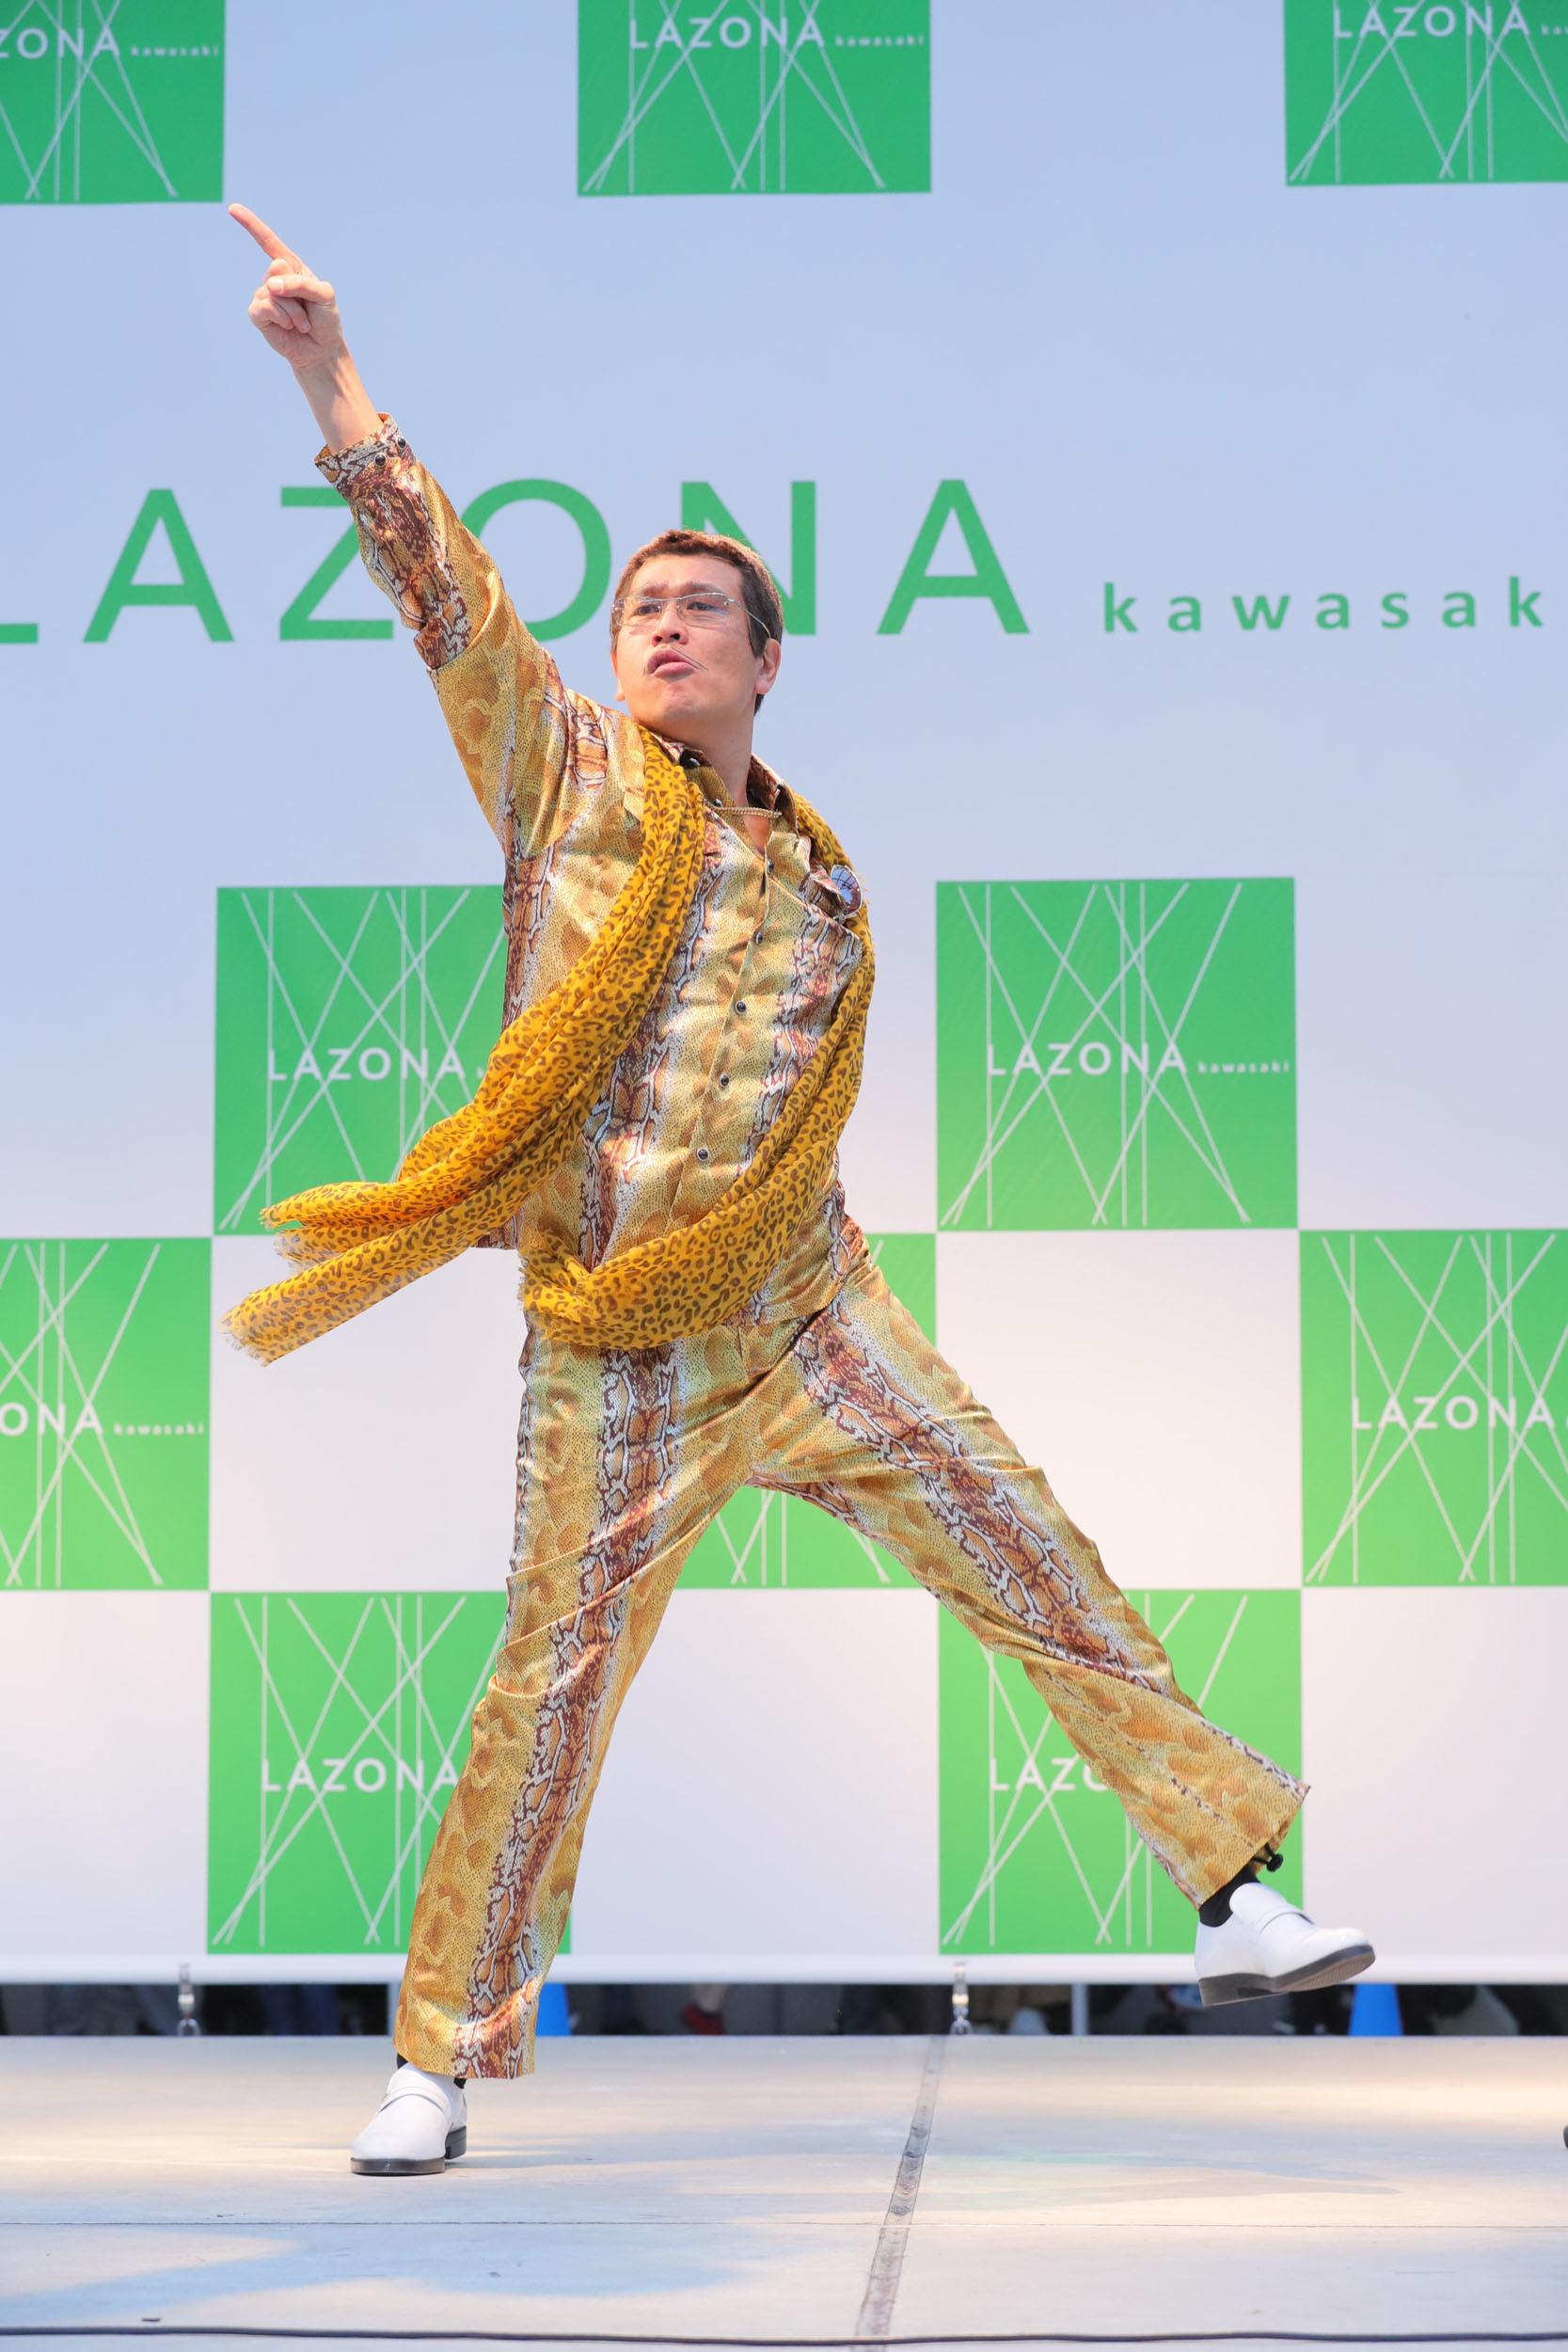 ピコ太郎 ラゾーナ川崎プラザ